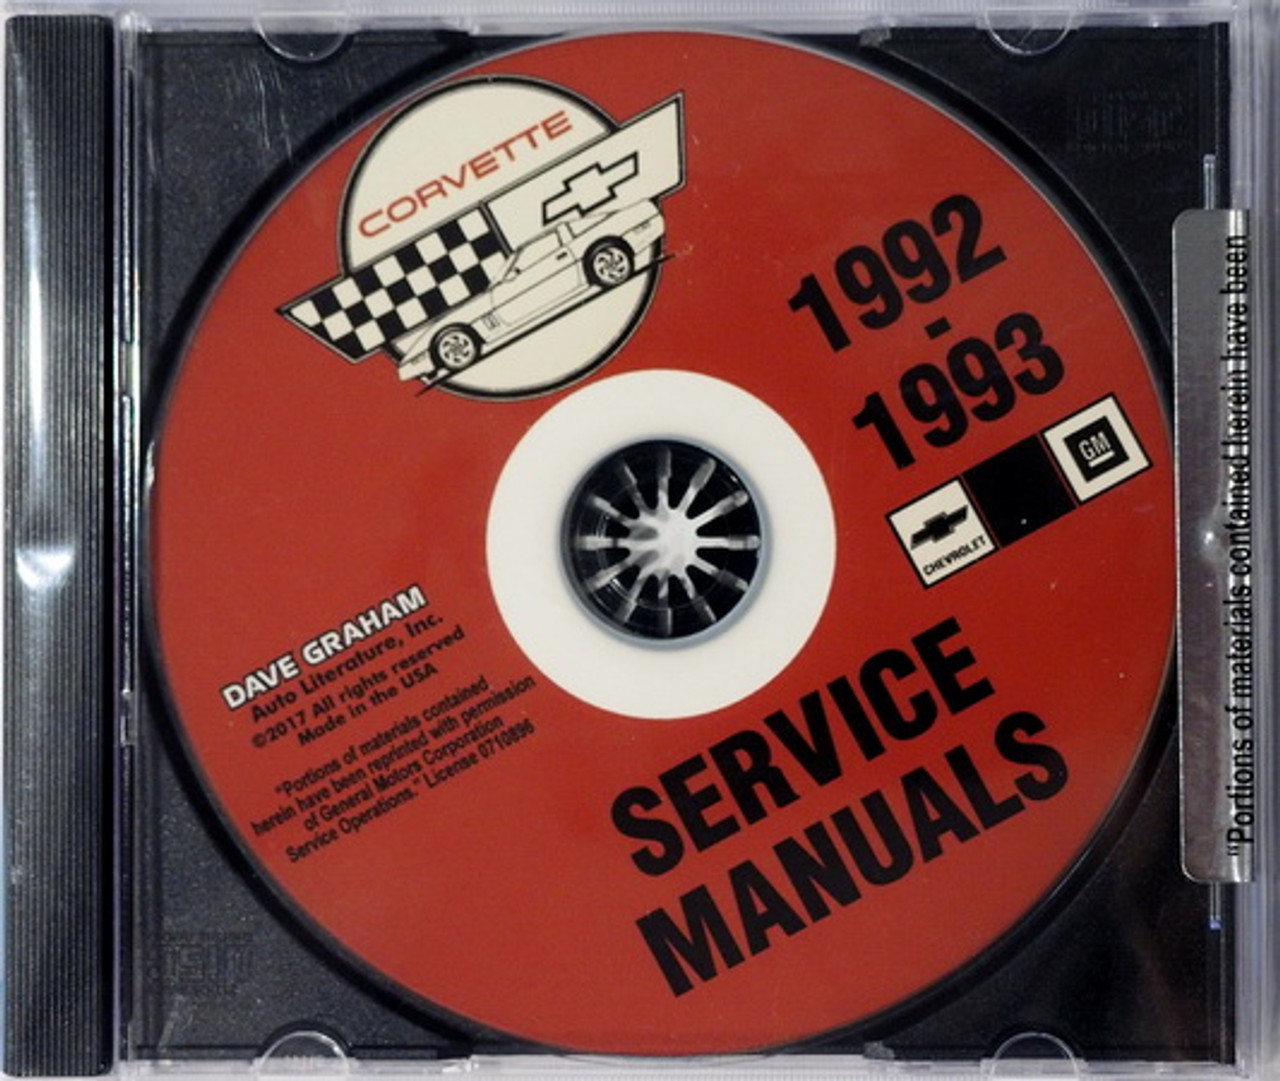 1996  CORVETTE SHOP MANUAL  ON CD